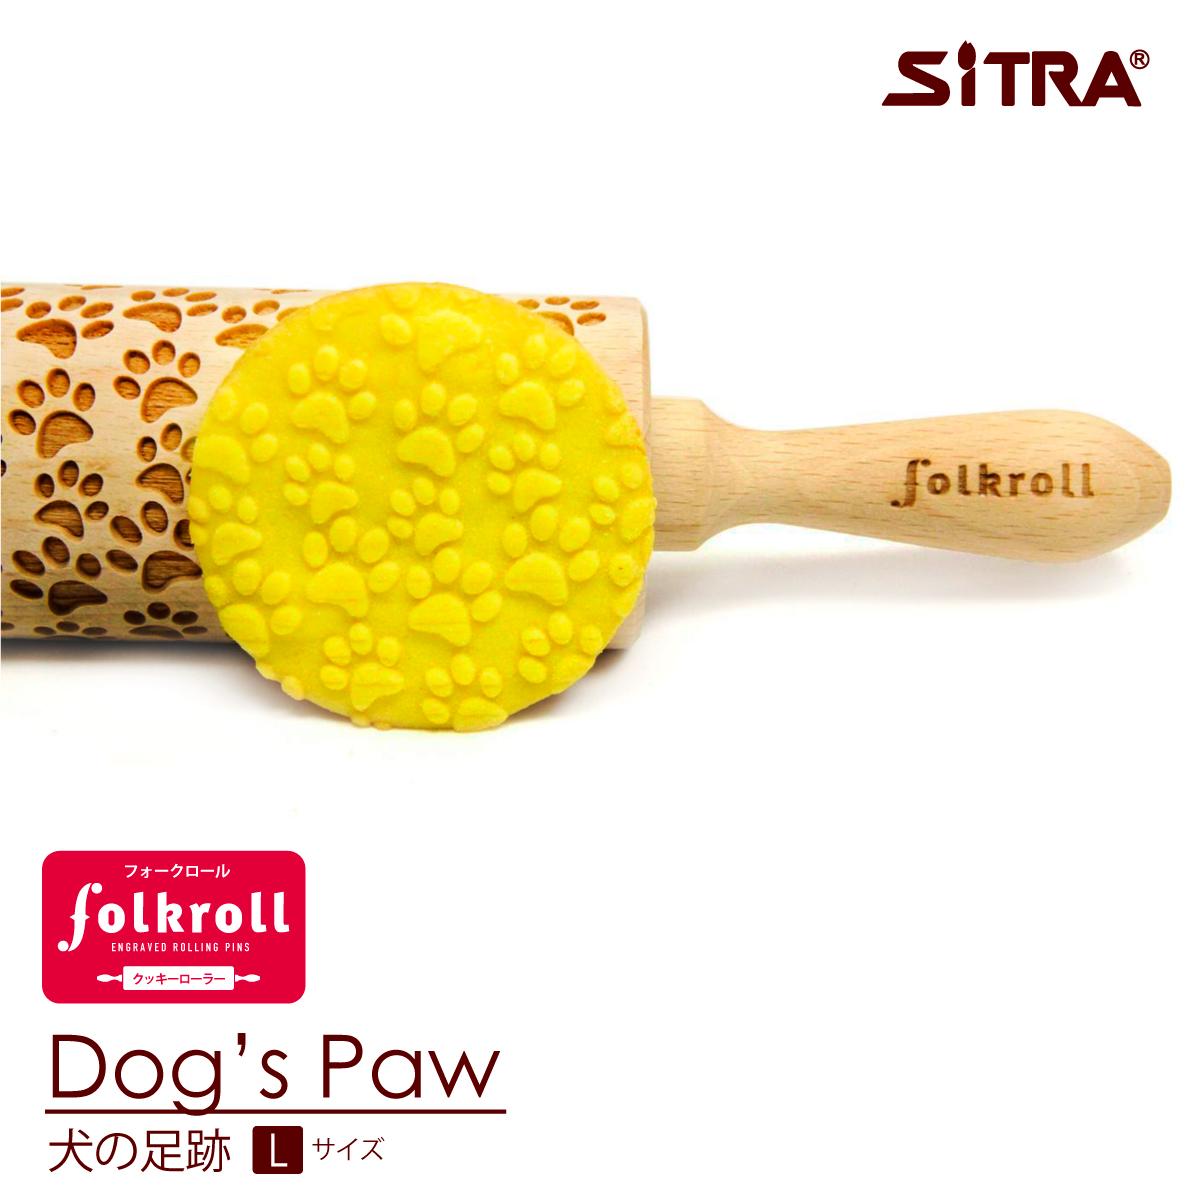 販売期間 限定のお得なタイムセール 東欧ポーラーンド産メーカー直輸入のクッキーローラー ヨーロッパならではの柄が魅力です SiTRA シトラ おクッキー型とのコラボがおすすめ 送料無料 9 25限定2個以上で10%OFFクーポン 木製 クッキーローラー 犬の足跡 プレゼントに デザインを厳選して直輸入 手作り おしゃれで かわいい 珍しい Lサイズ ヨーロッパ 誕生日/お祝い で 人気 ギフト